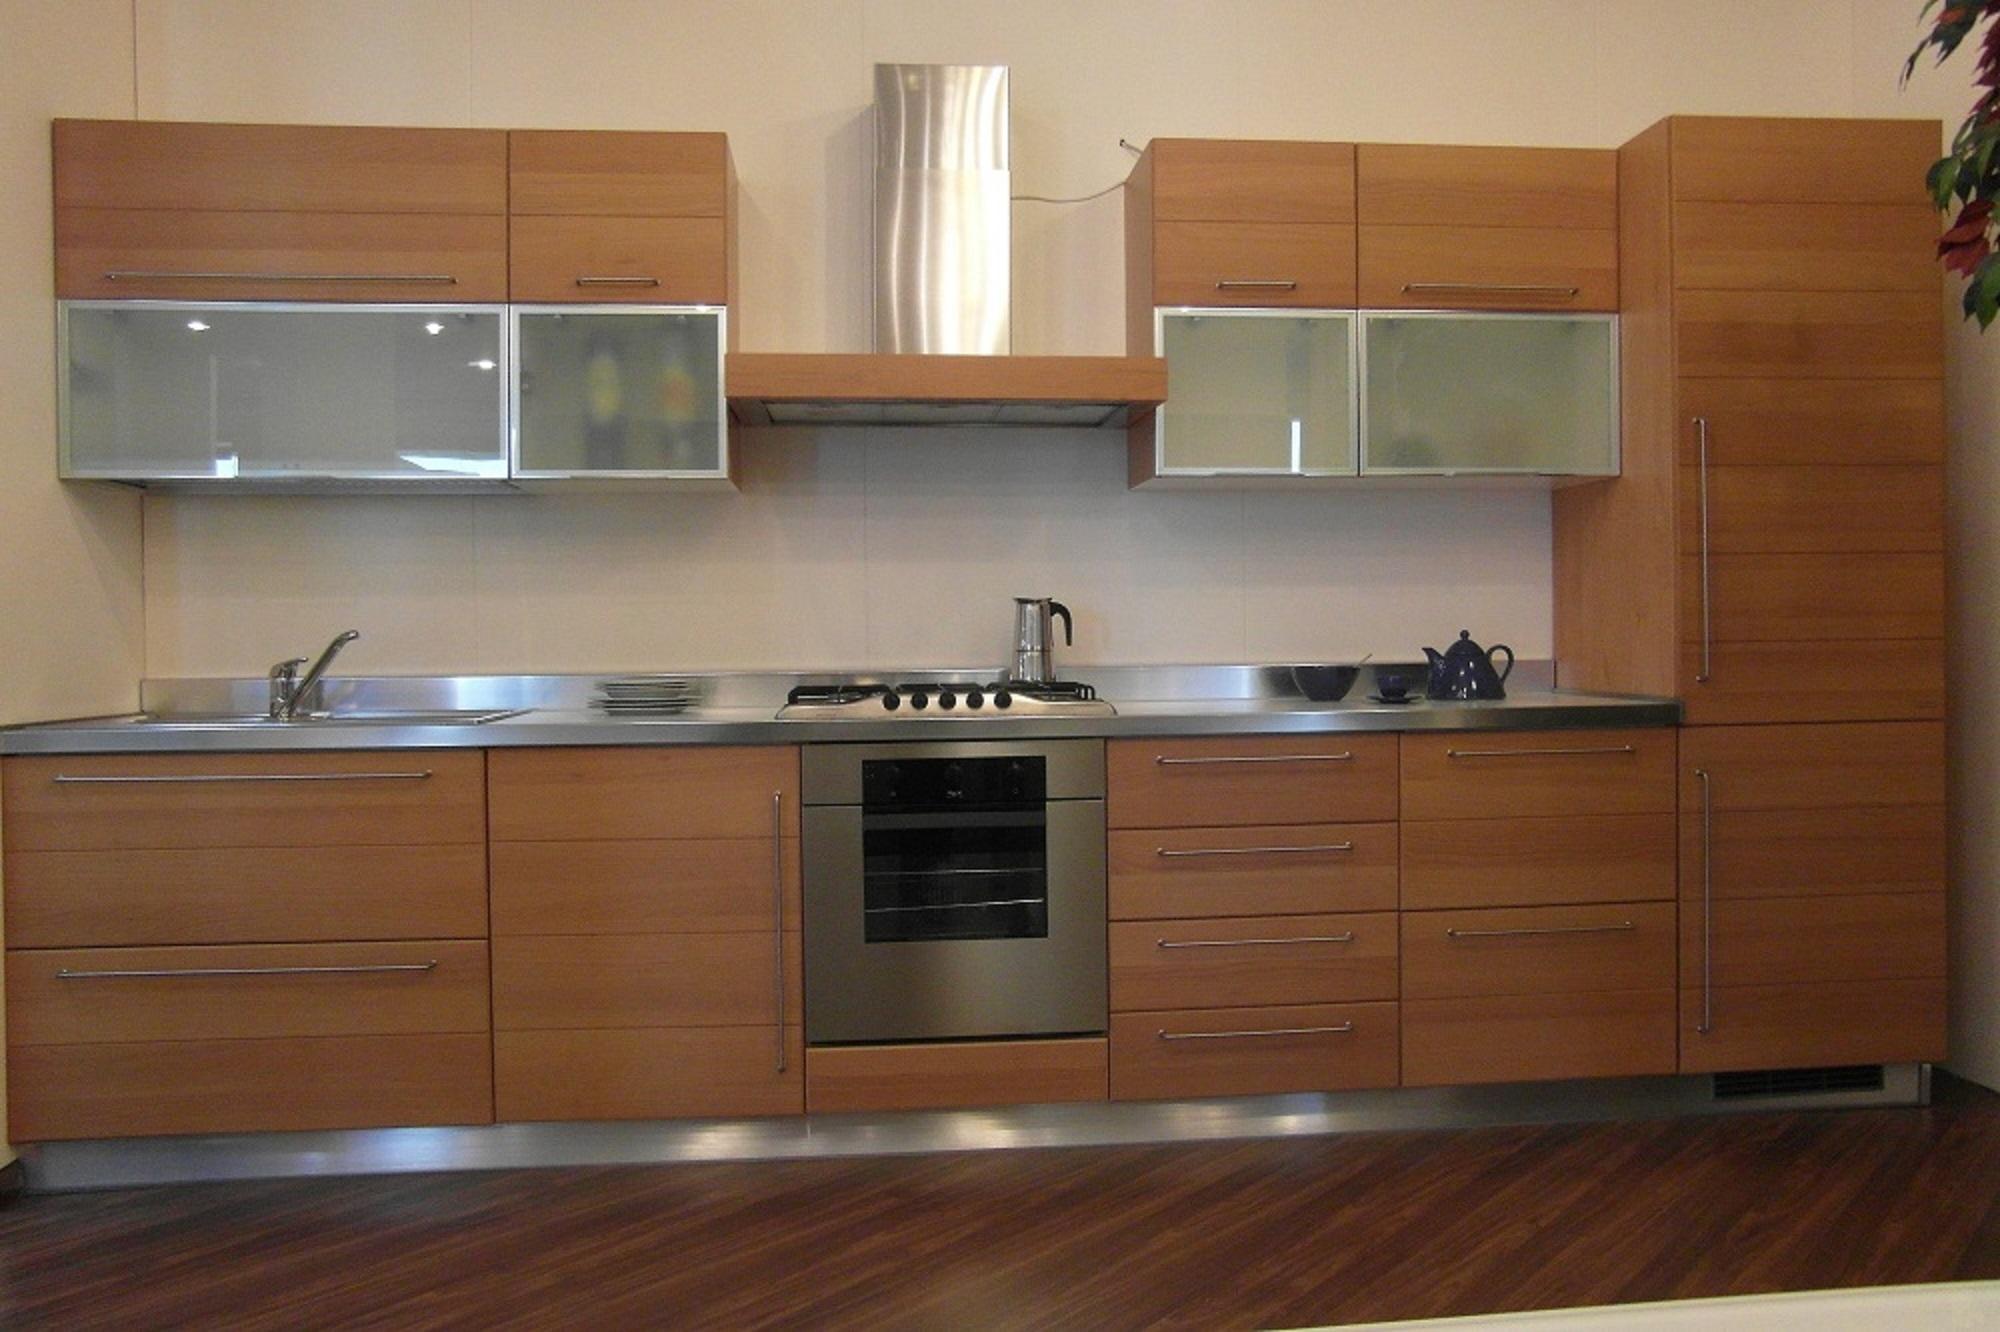 Cucina scavolini life in ciliegio cucine a prezzi scontati - Cucine in ciliegio moderne ...